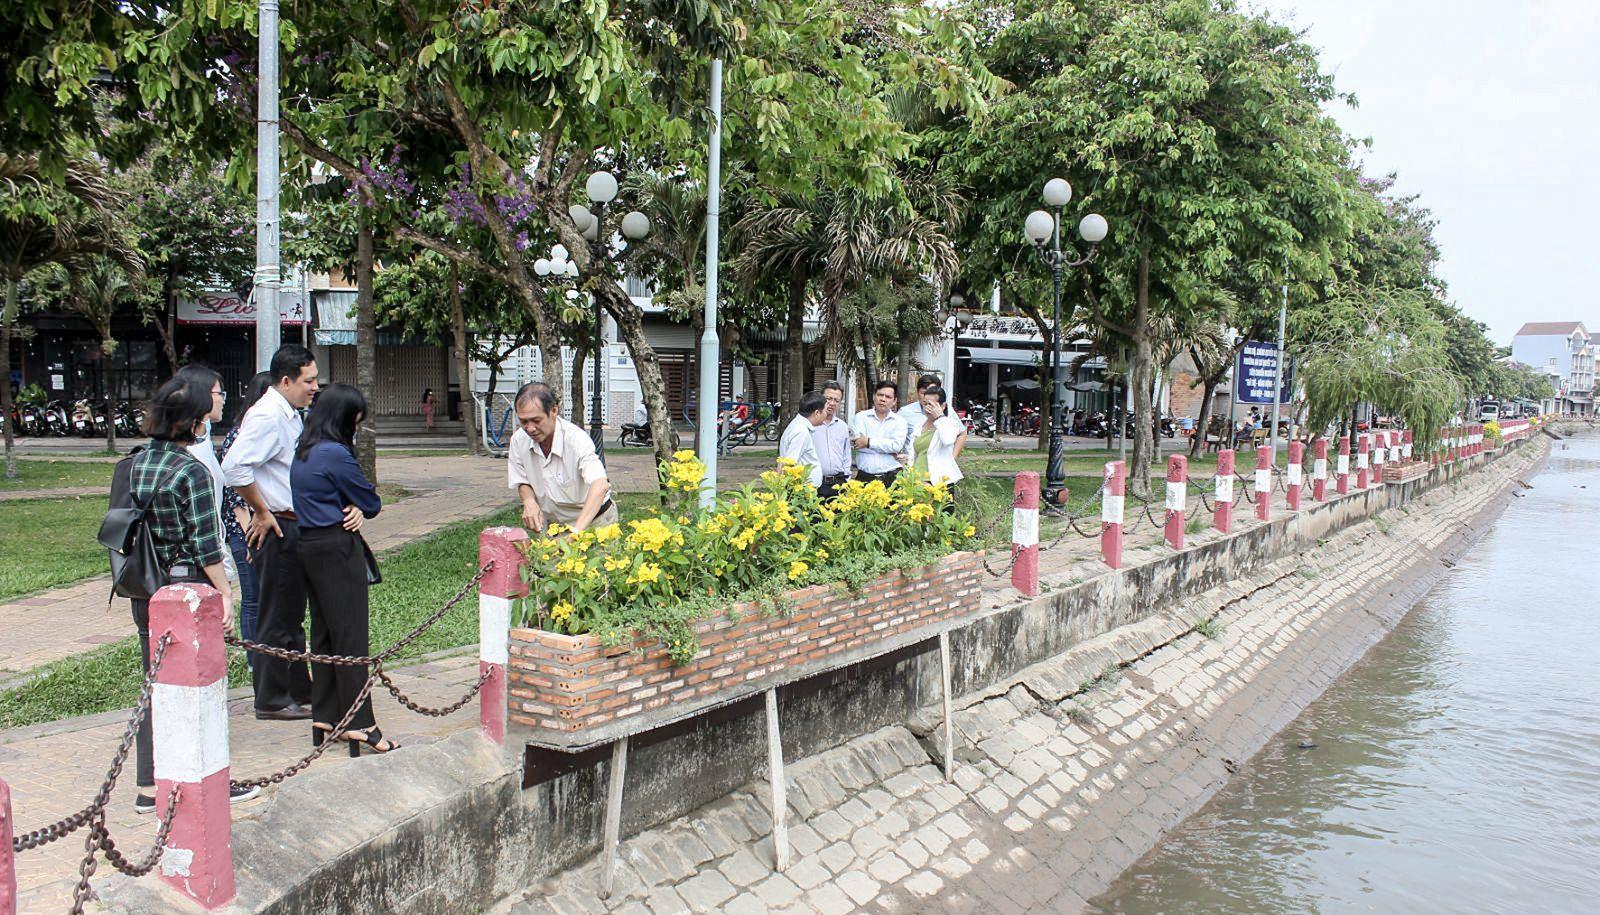 Sáng kiến xây dựng bờ kè xanh (hồ Xáng Thổi) trồng hoa tạo không gian xanh cho đô thị thành phố. Ảnh: ANH KHOA